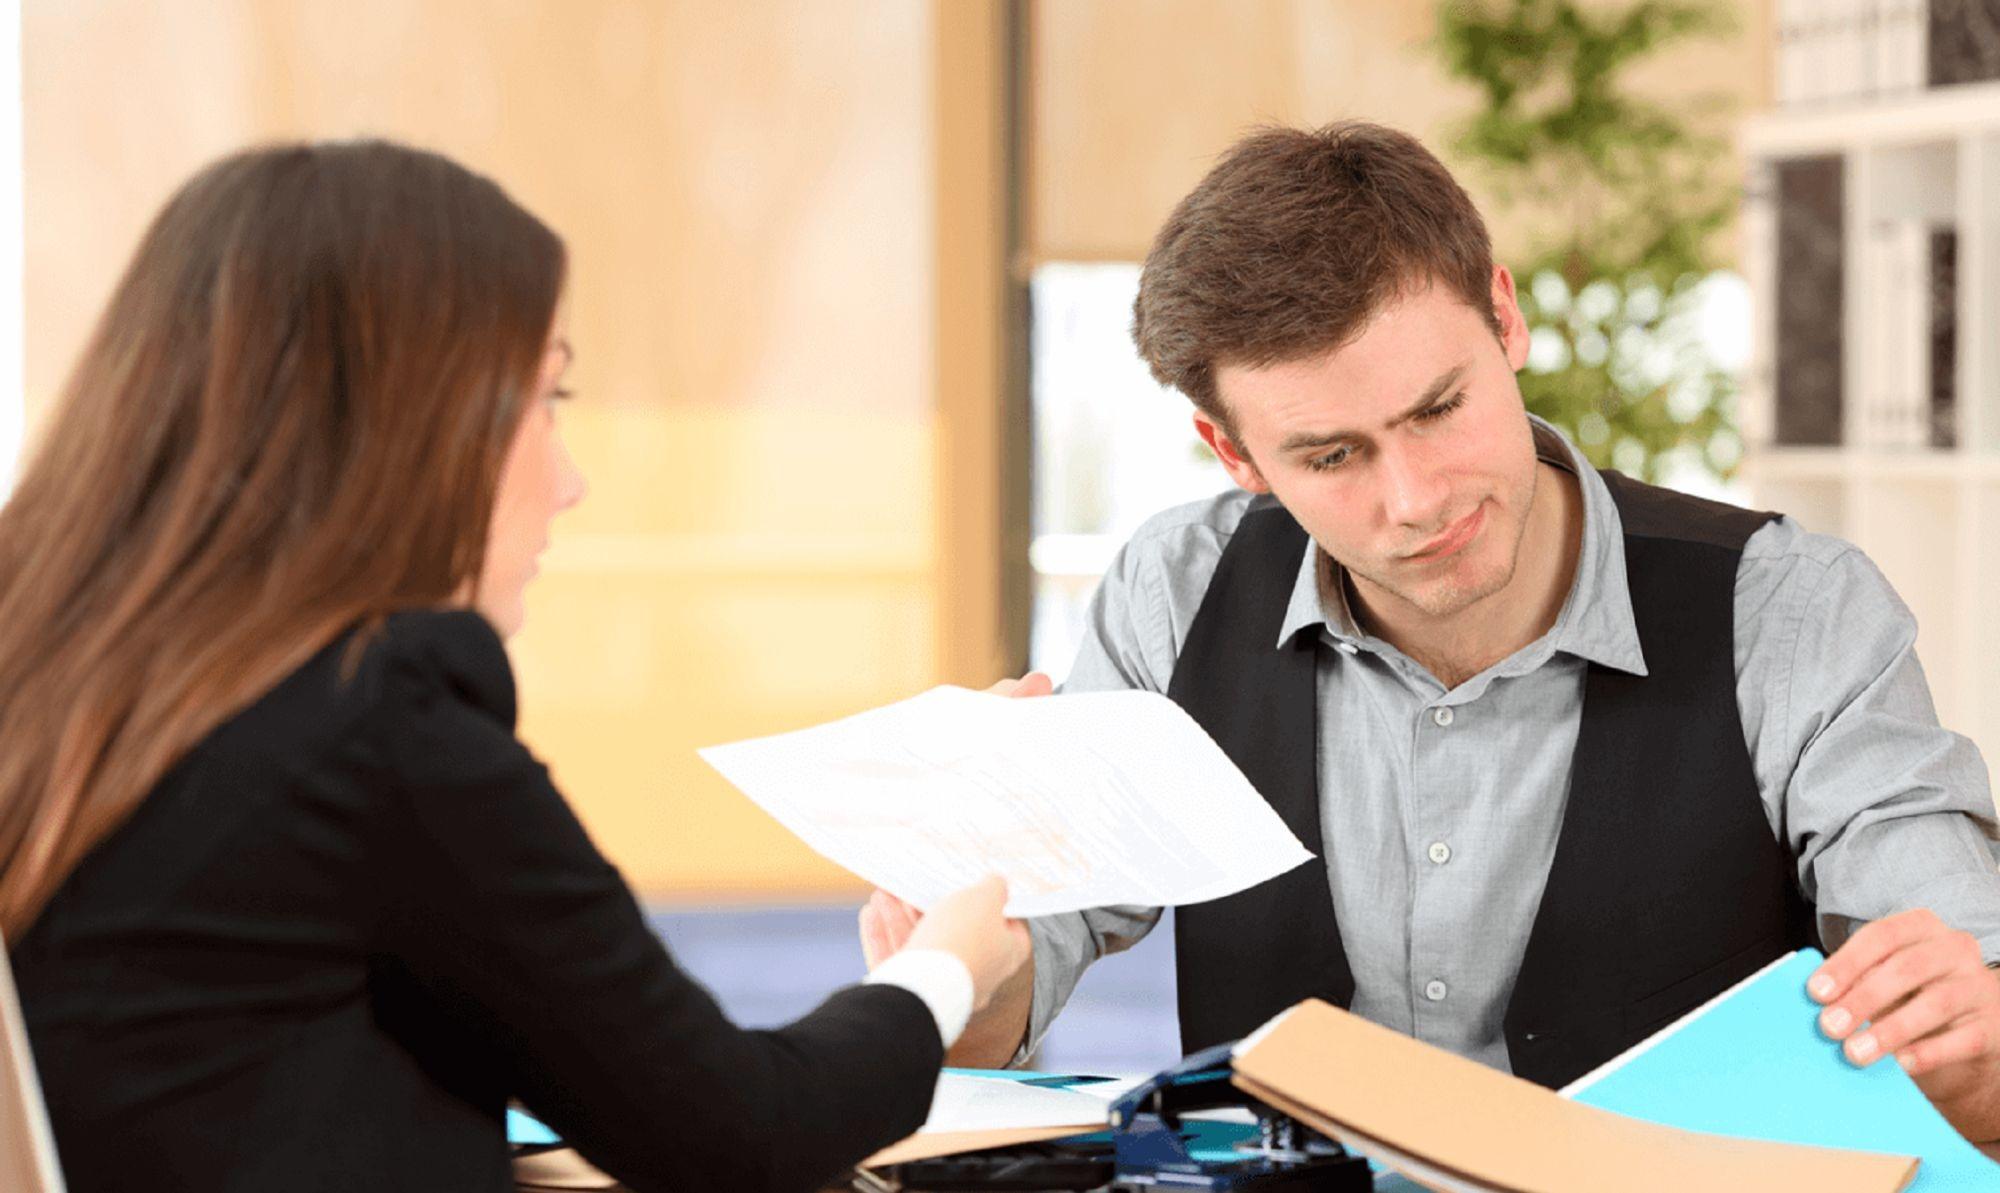 entrevista de trabajo sin reclutador